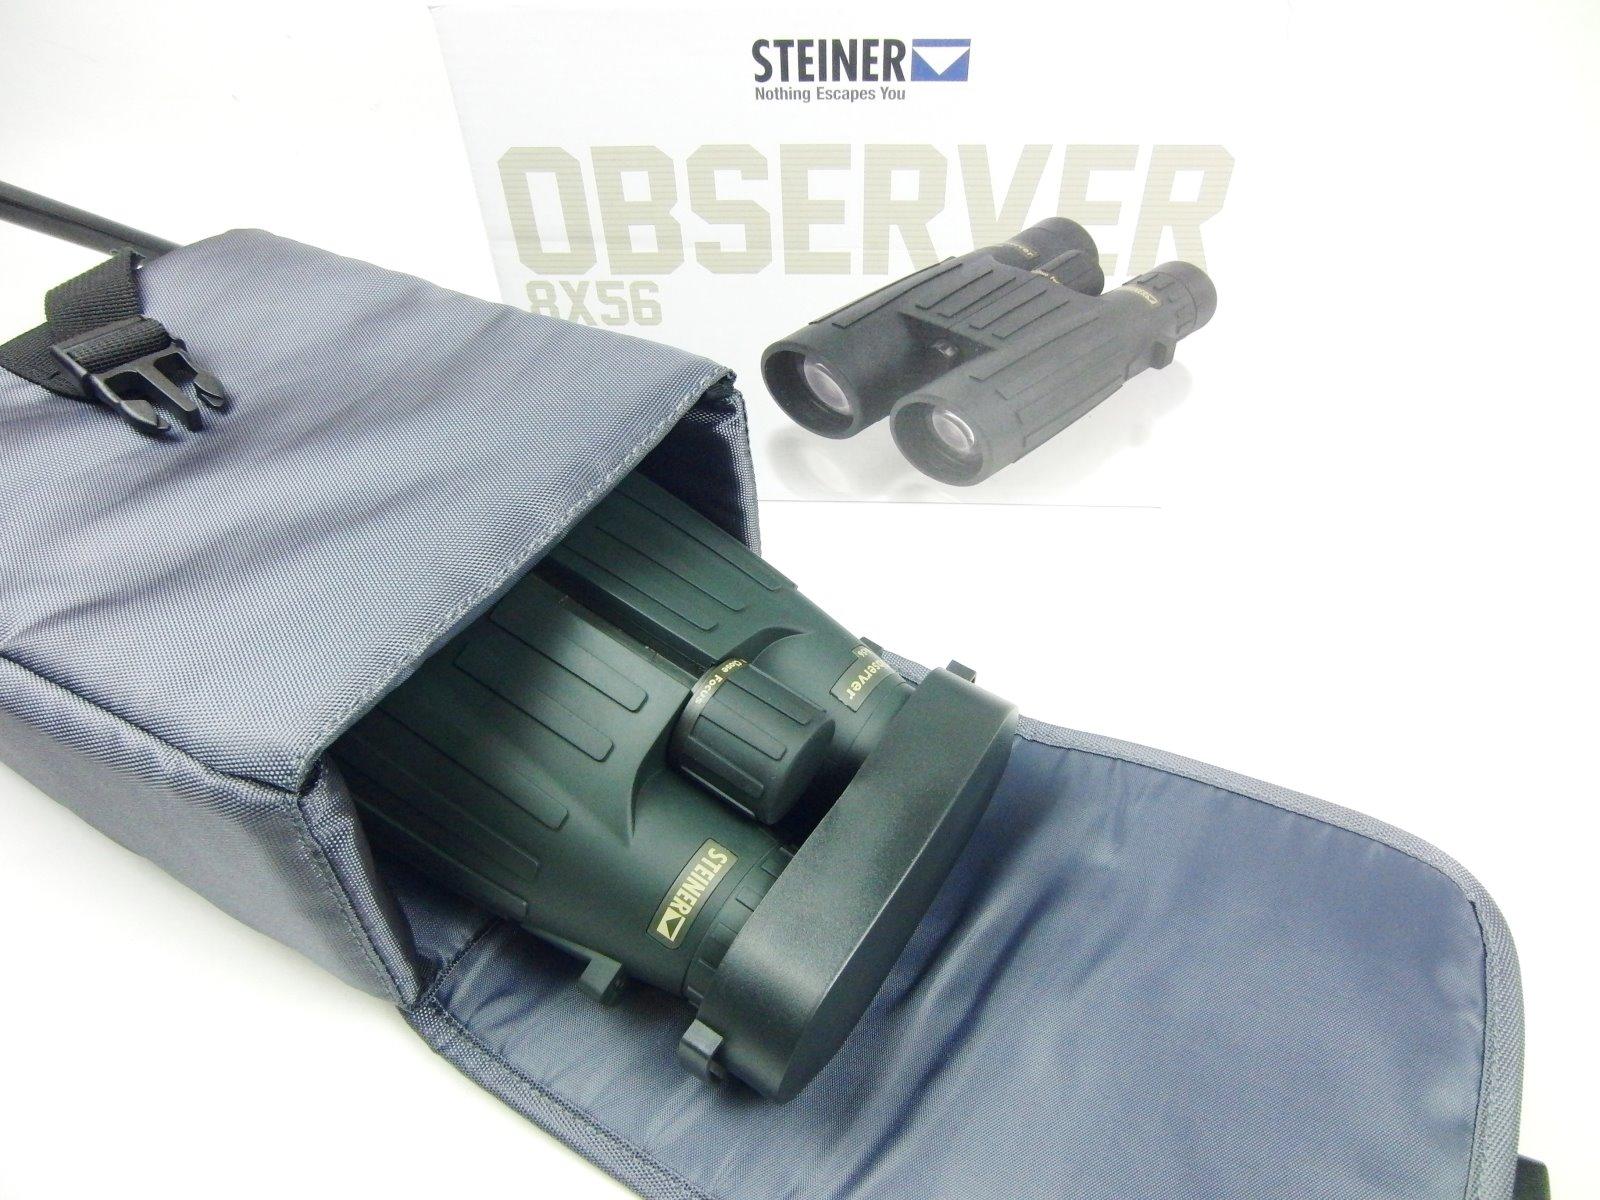 Fernglas Mit Entfernungsmesser Victory Rf 10x54 : Ferngläser optik waffen schmitt goch alljagd fachgeschäft